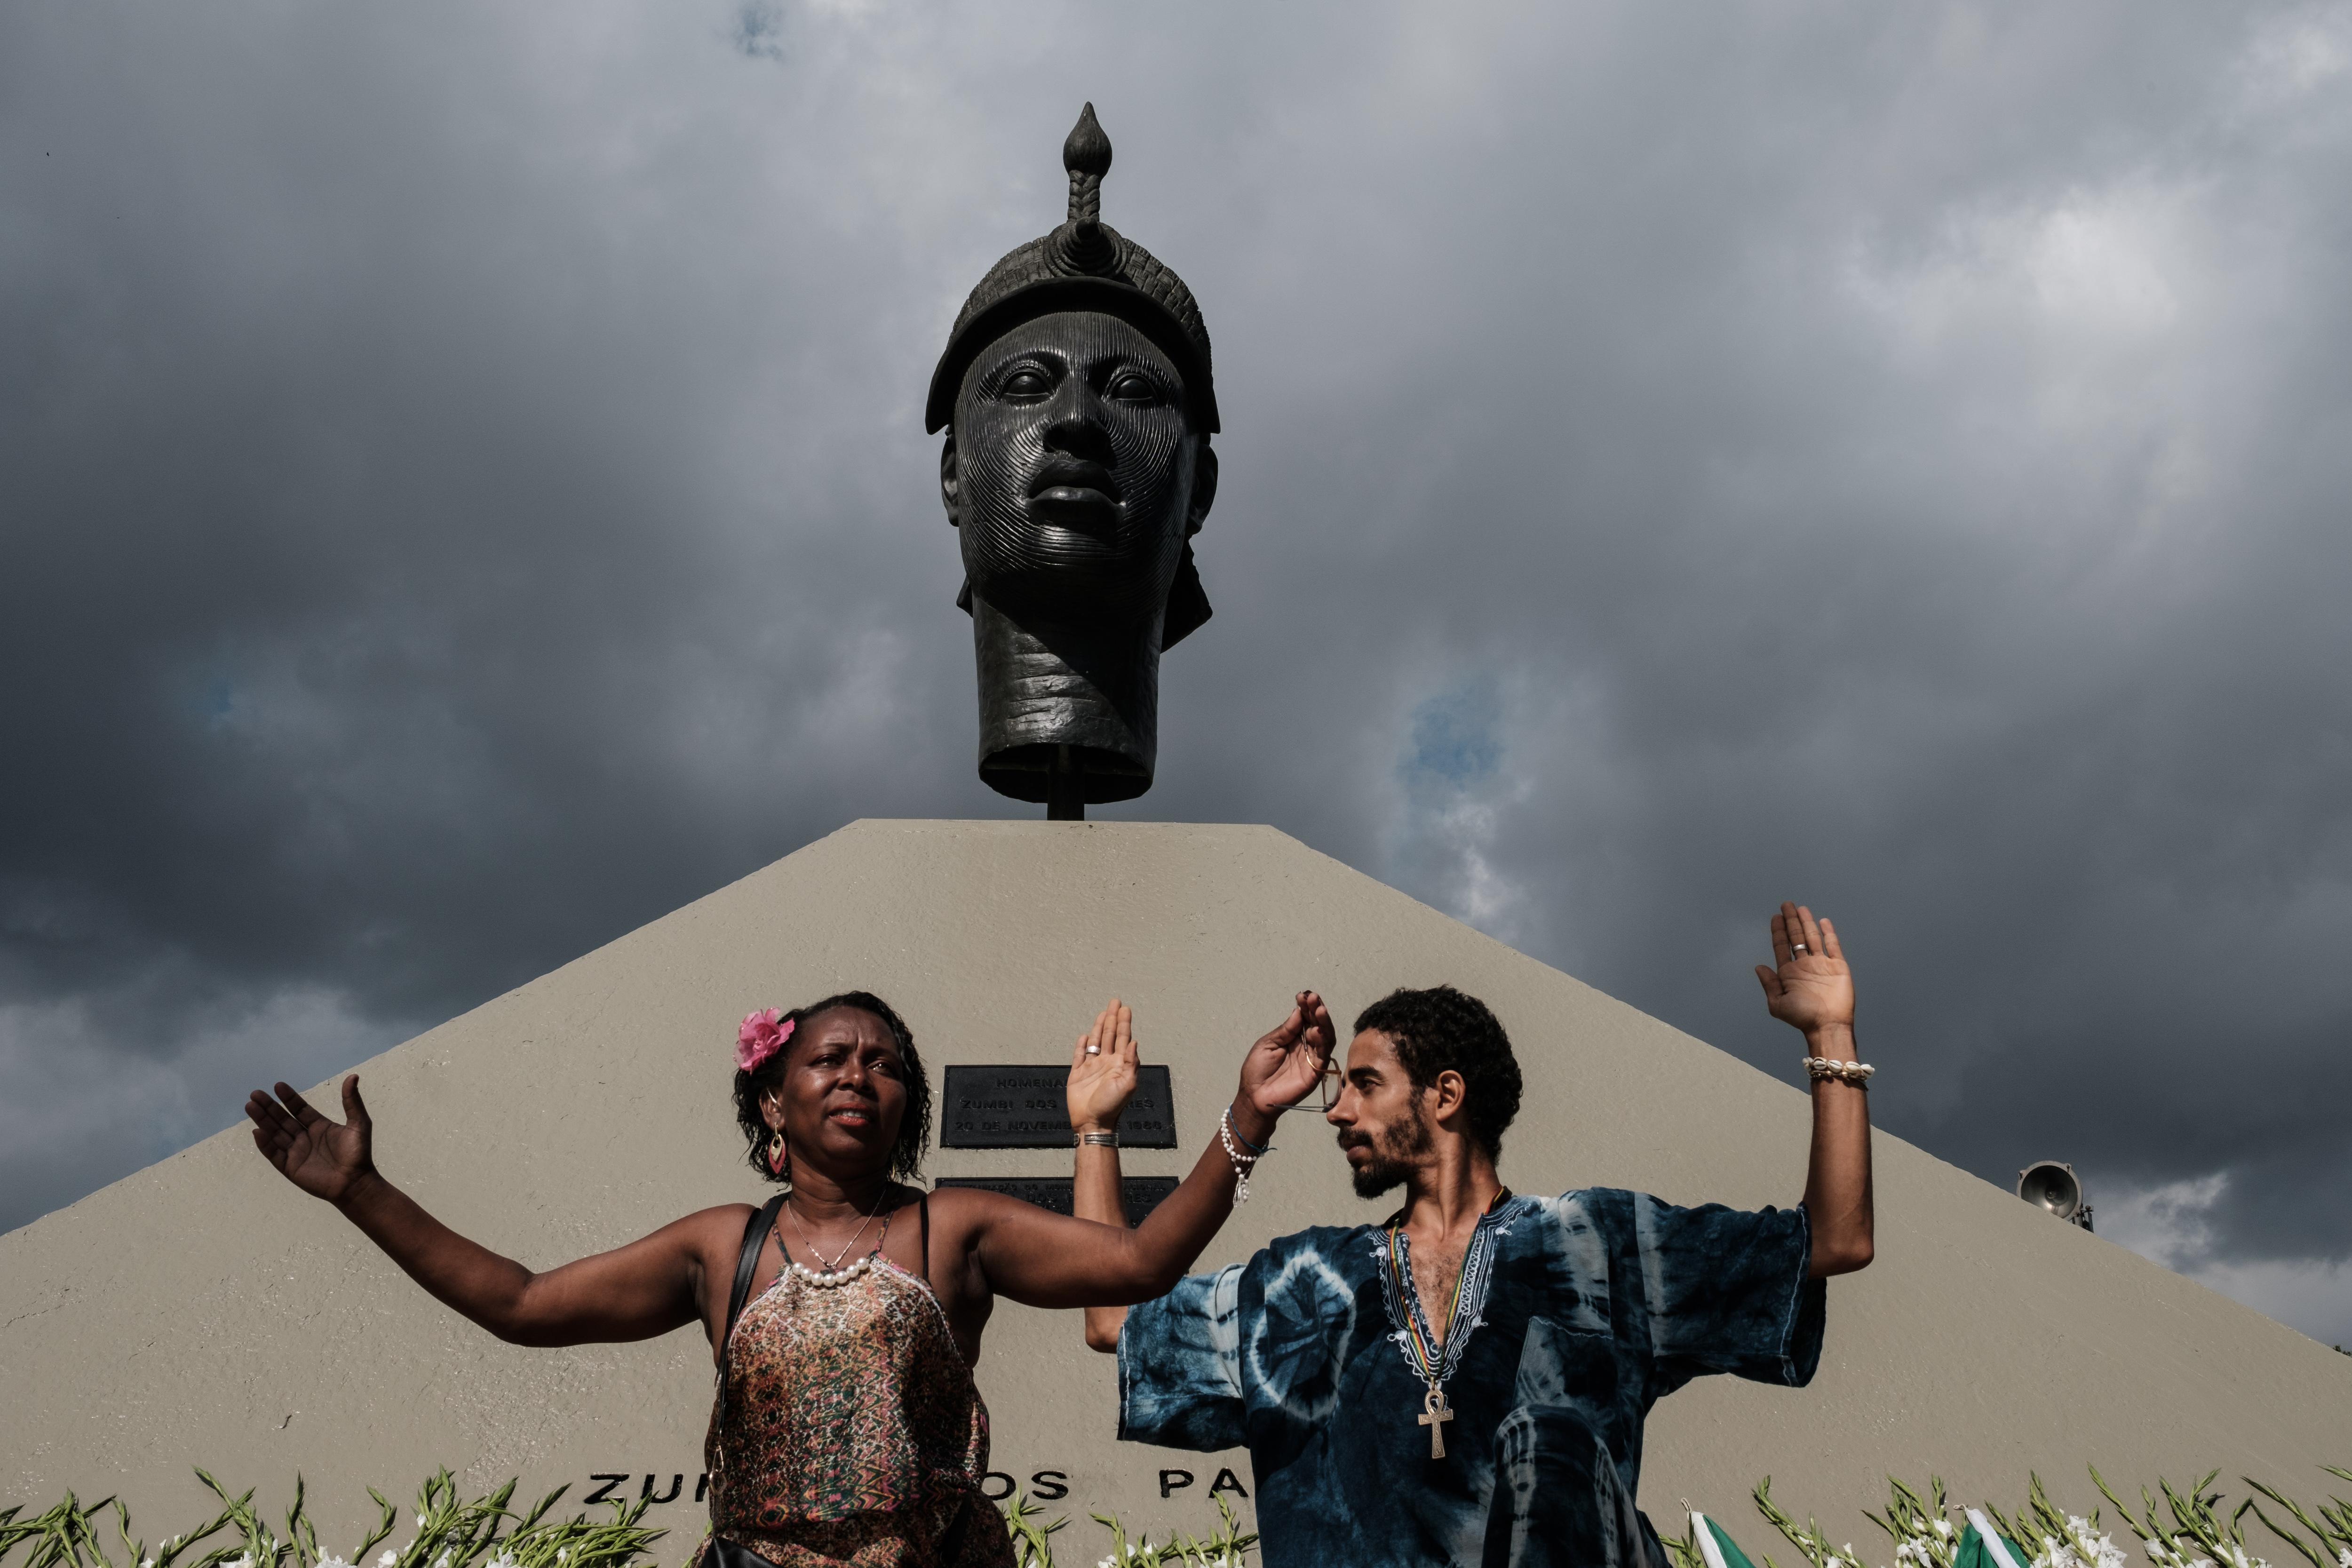 Homenagem ao Dia da Consciência Negra em frente ao monumento de Zumbi dos Palmares, no Rio de Janeiro (AFP / Yasuvoshi Chiba)